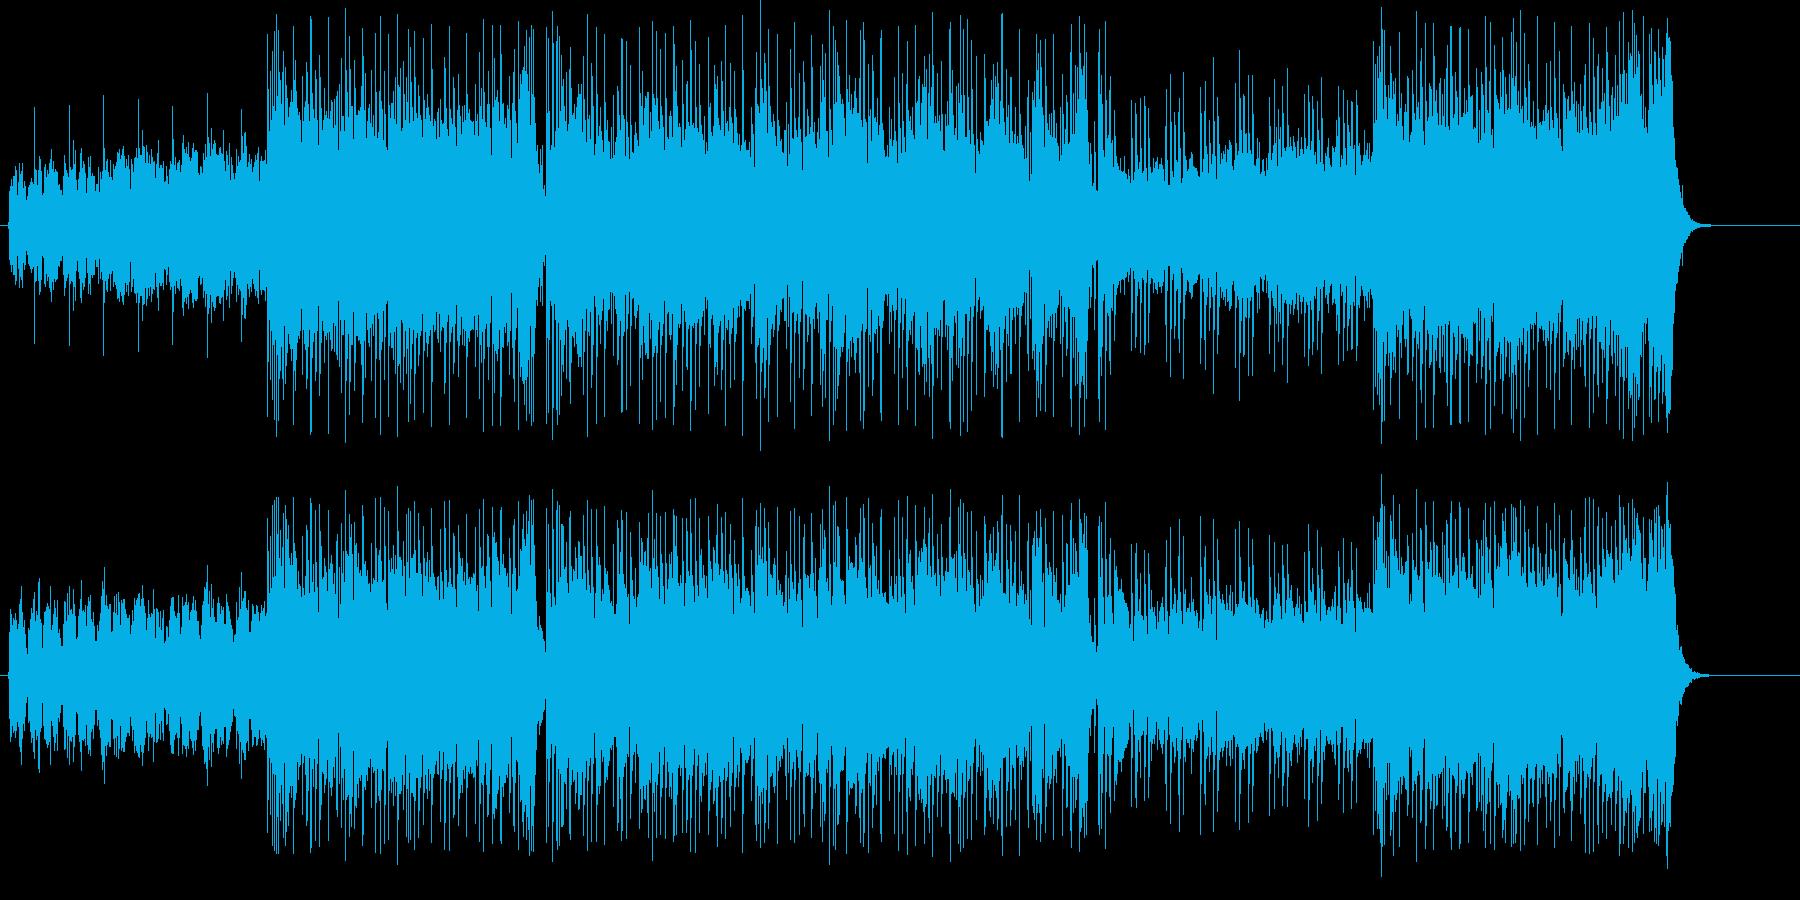 アーバンカジュアルな「スリル」イメージの再生済みの波形